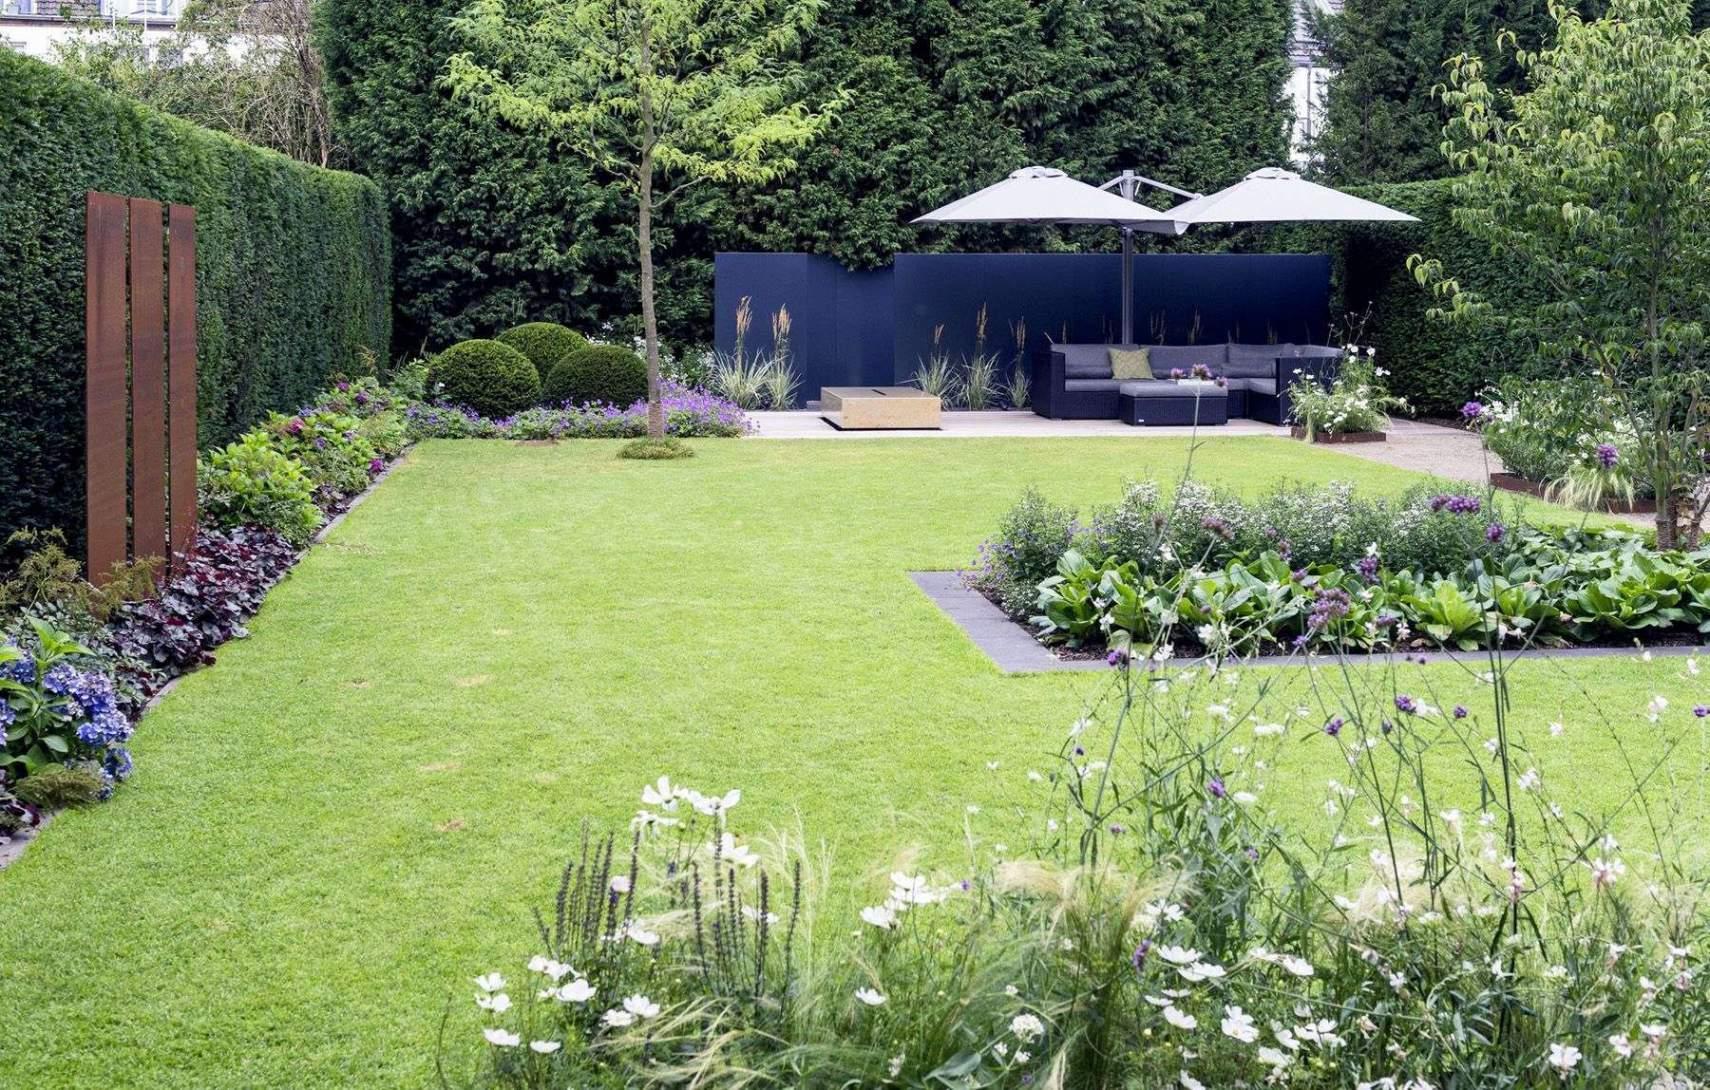 Wie Werde Ich Ratten Im Garten Los Das Beste Von 40 Reizend Grillecke Garten Luxus